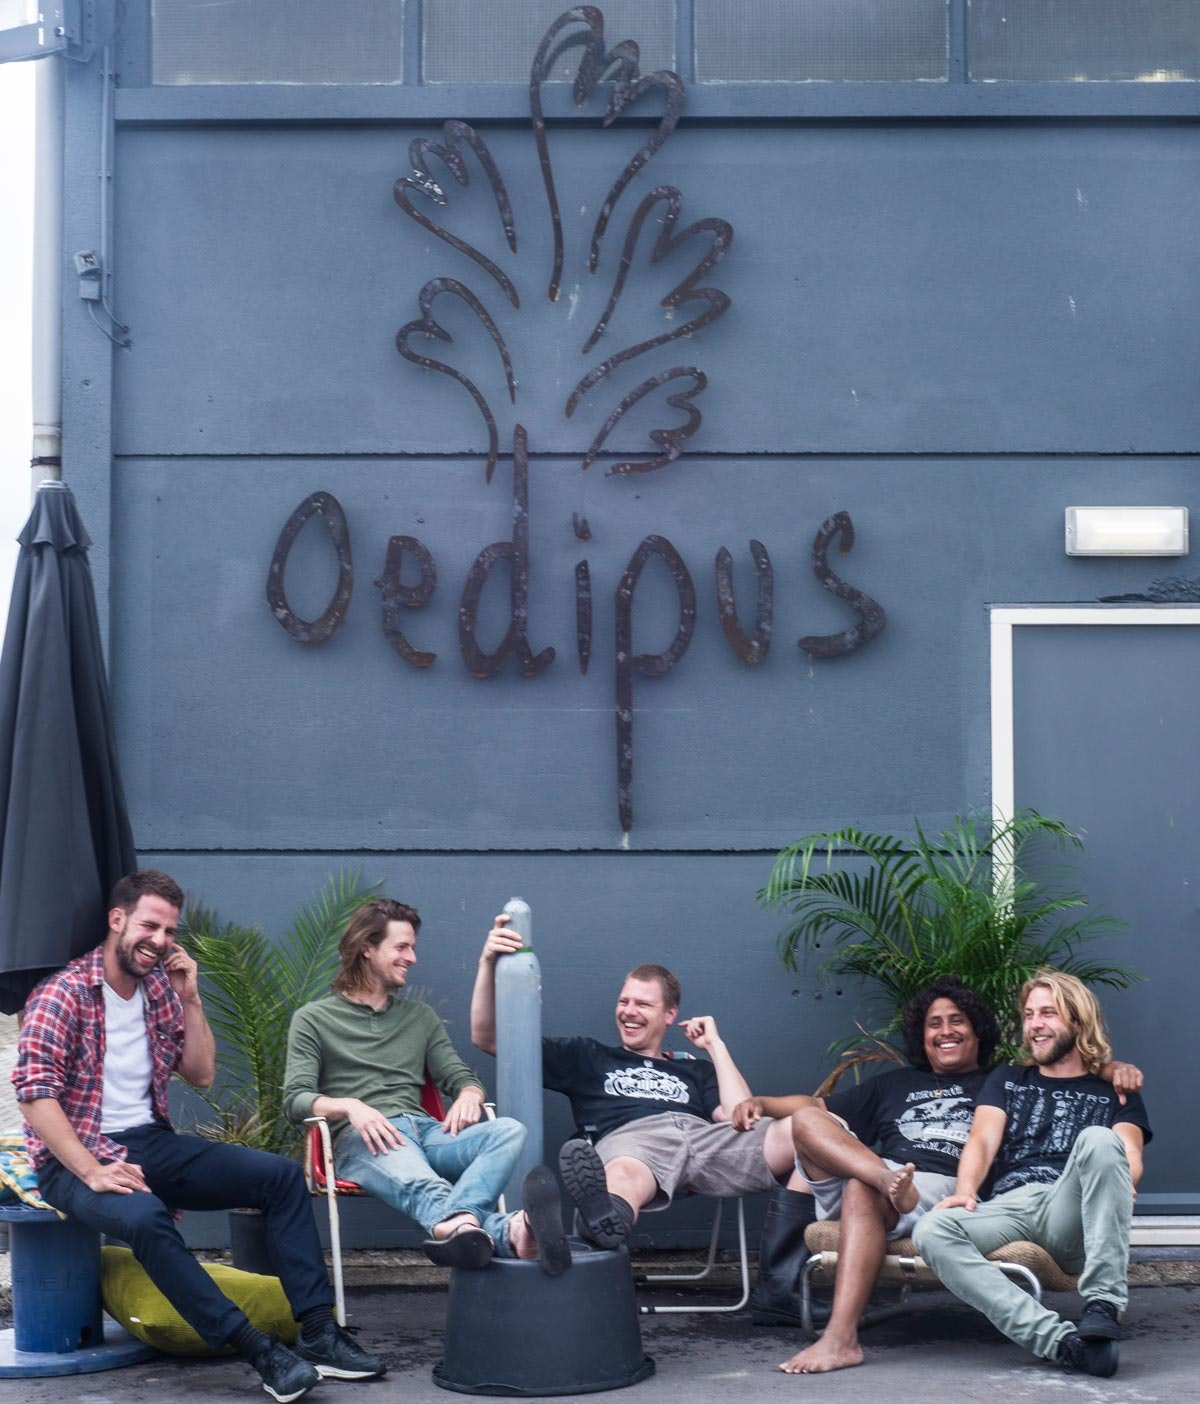 Oedipus Taproom